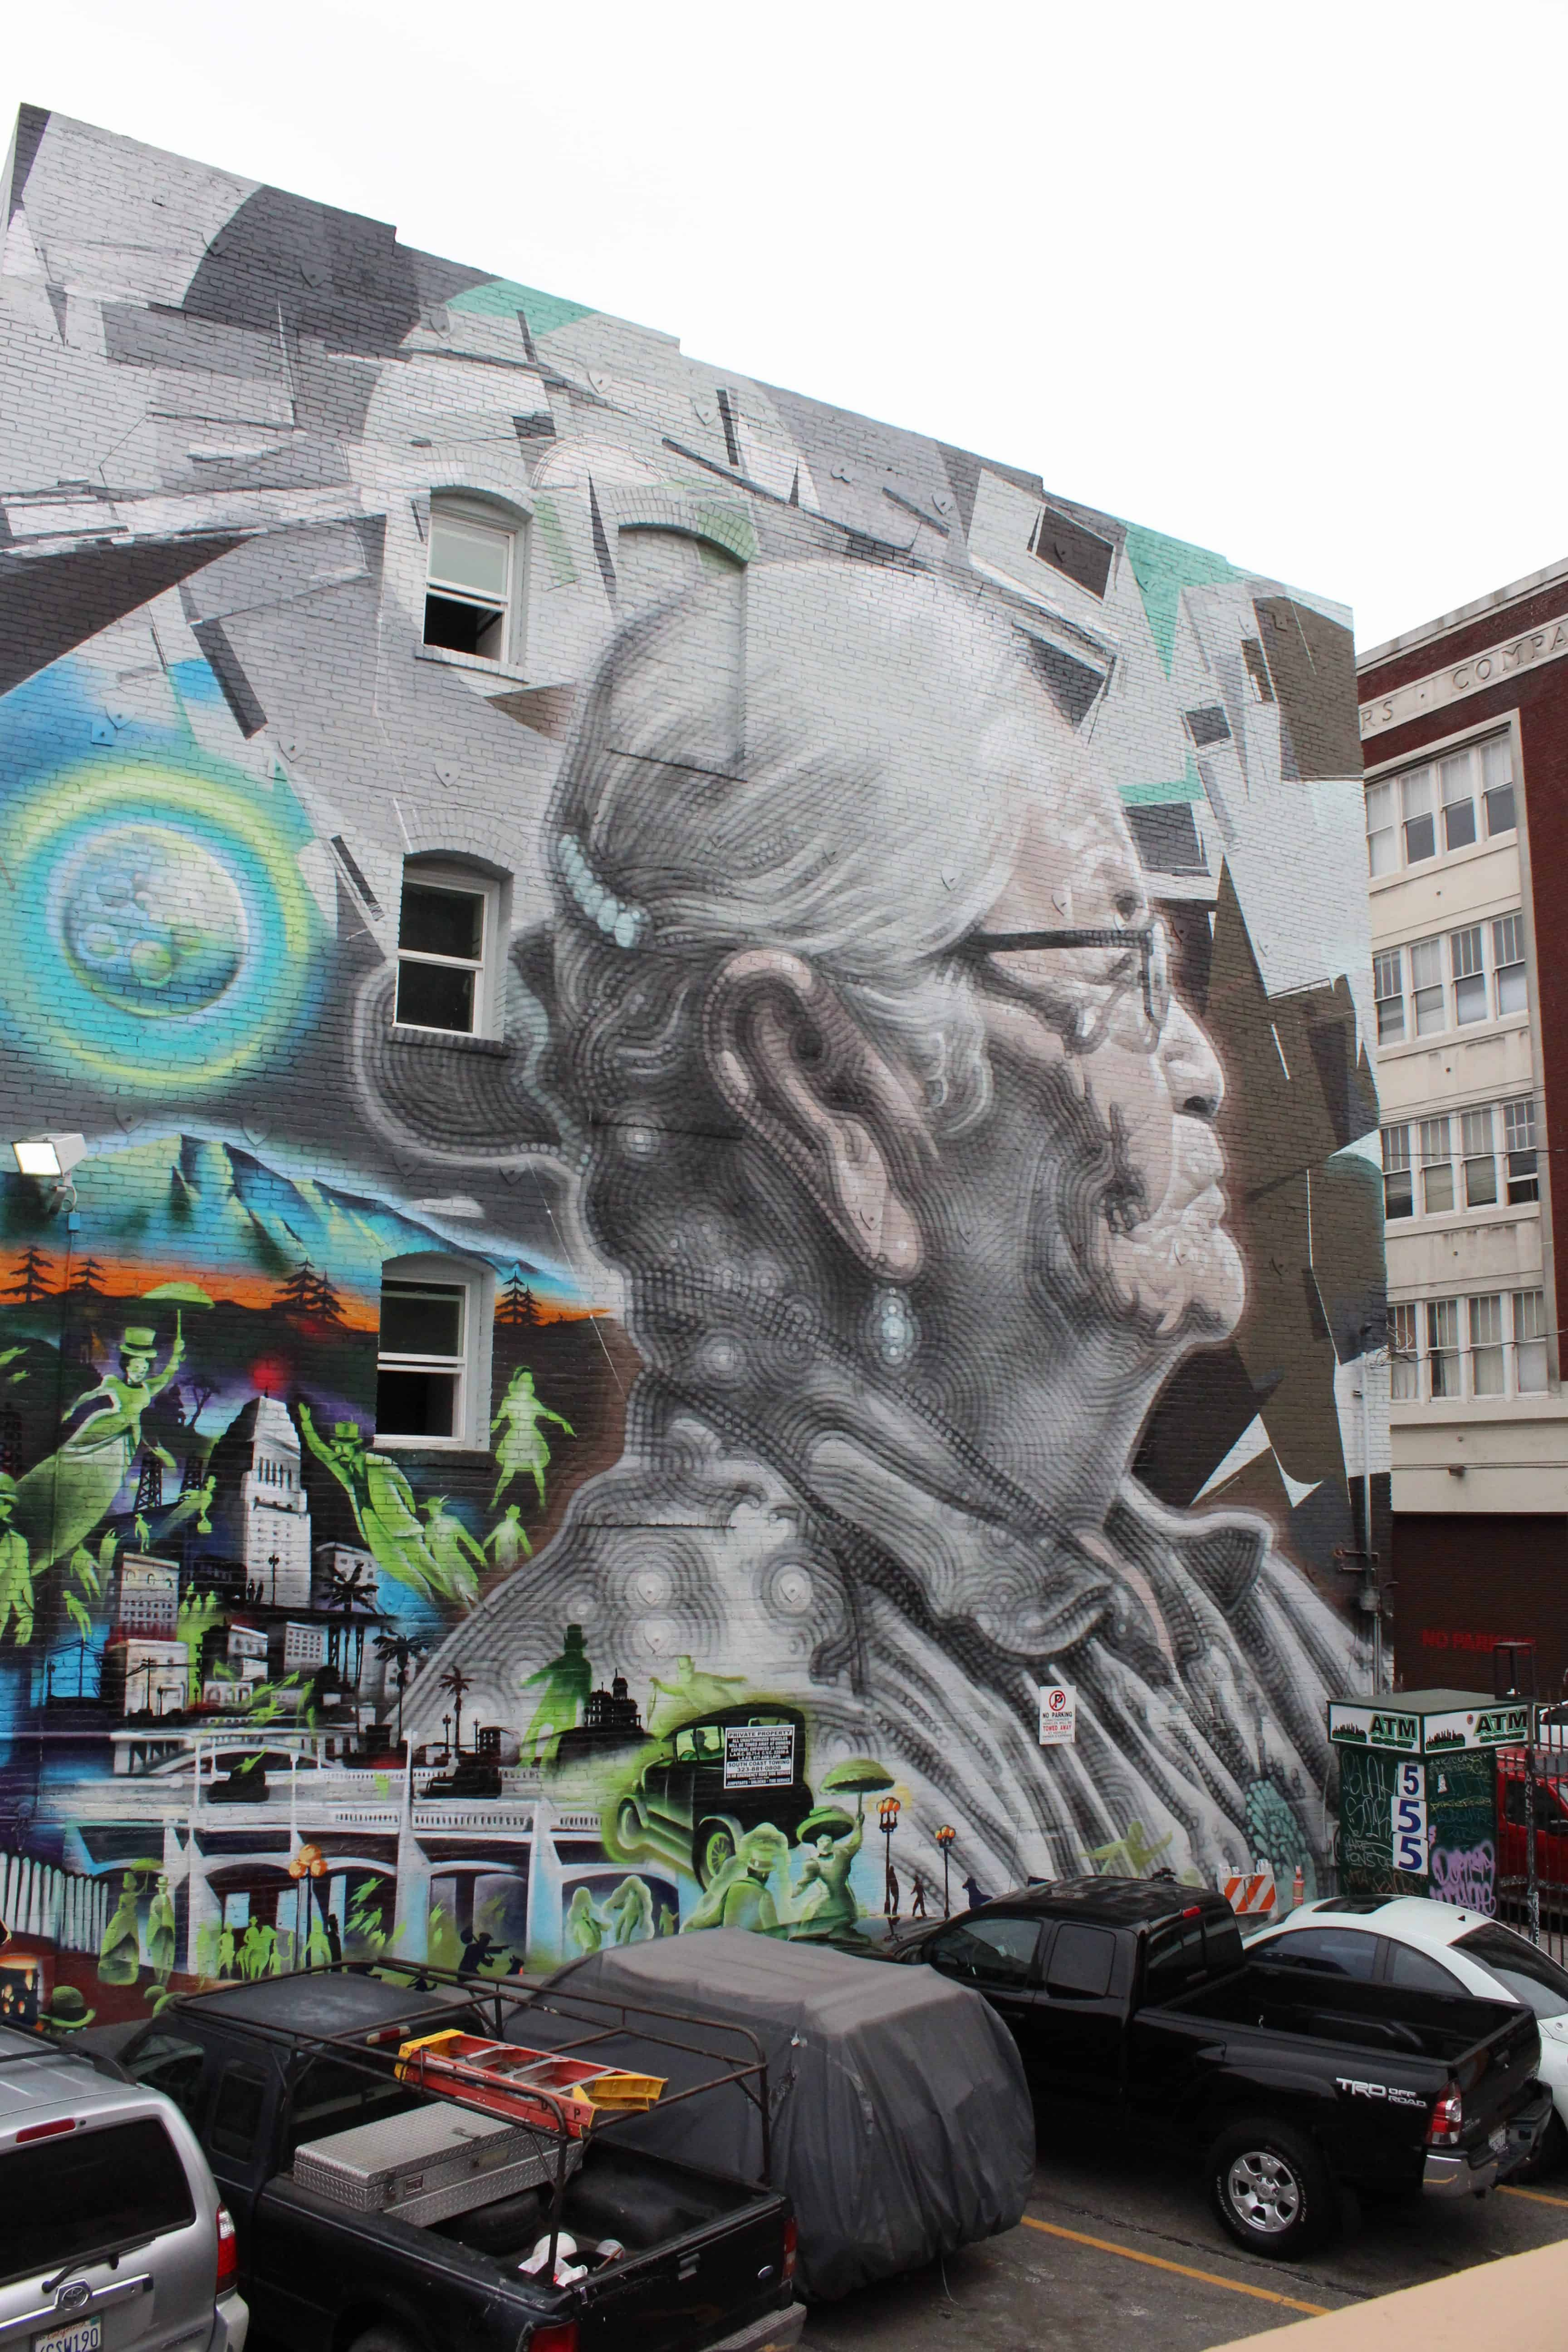 Graffiti In The Arts District